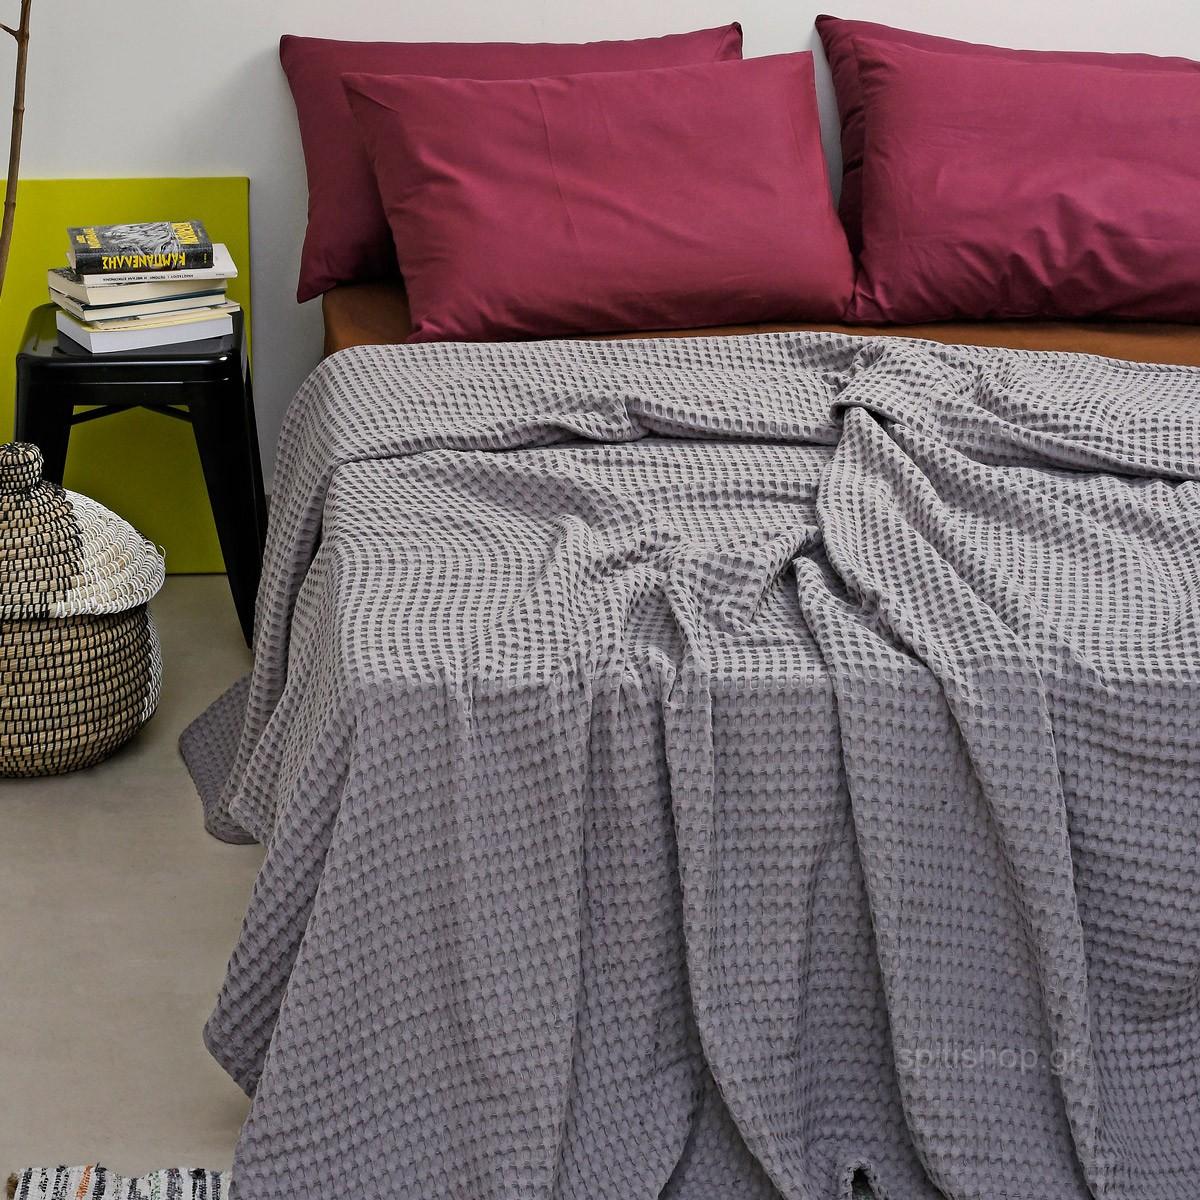 Κουβέρτα Πικέ Διπλή Melinen Bristol Dark Grey home   κρεβατοκάμαρα   κουβέρτες   κουβέρτες πικέ υπέρδιπλες